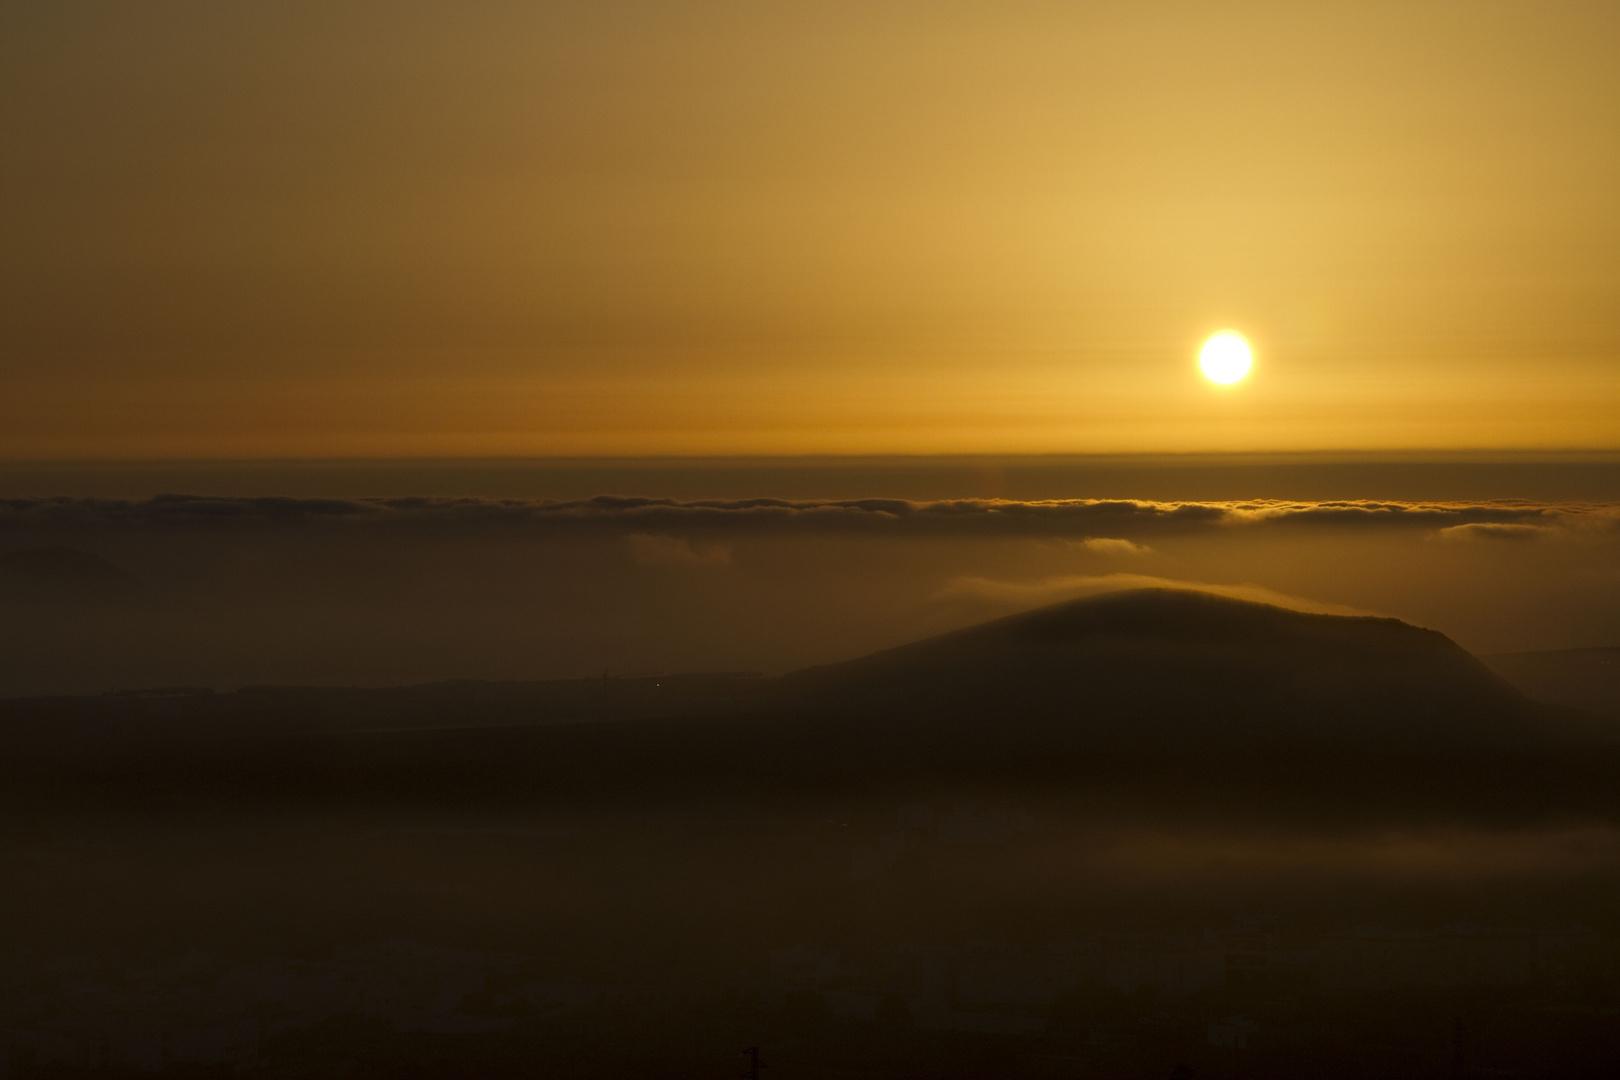 Bruma al amanecer, evoca recuerdos.